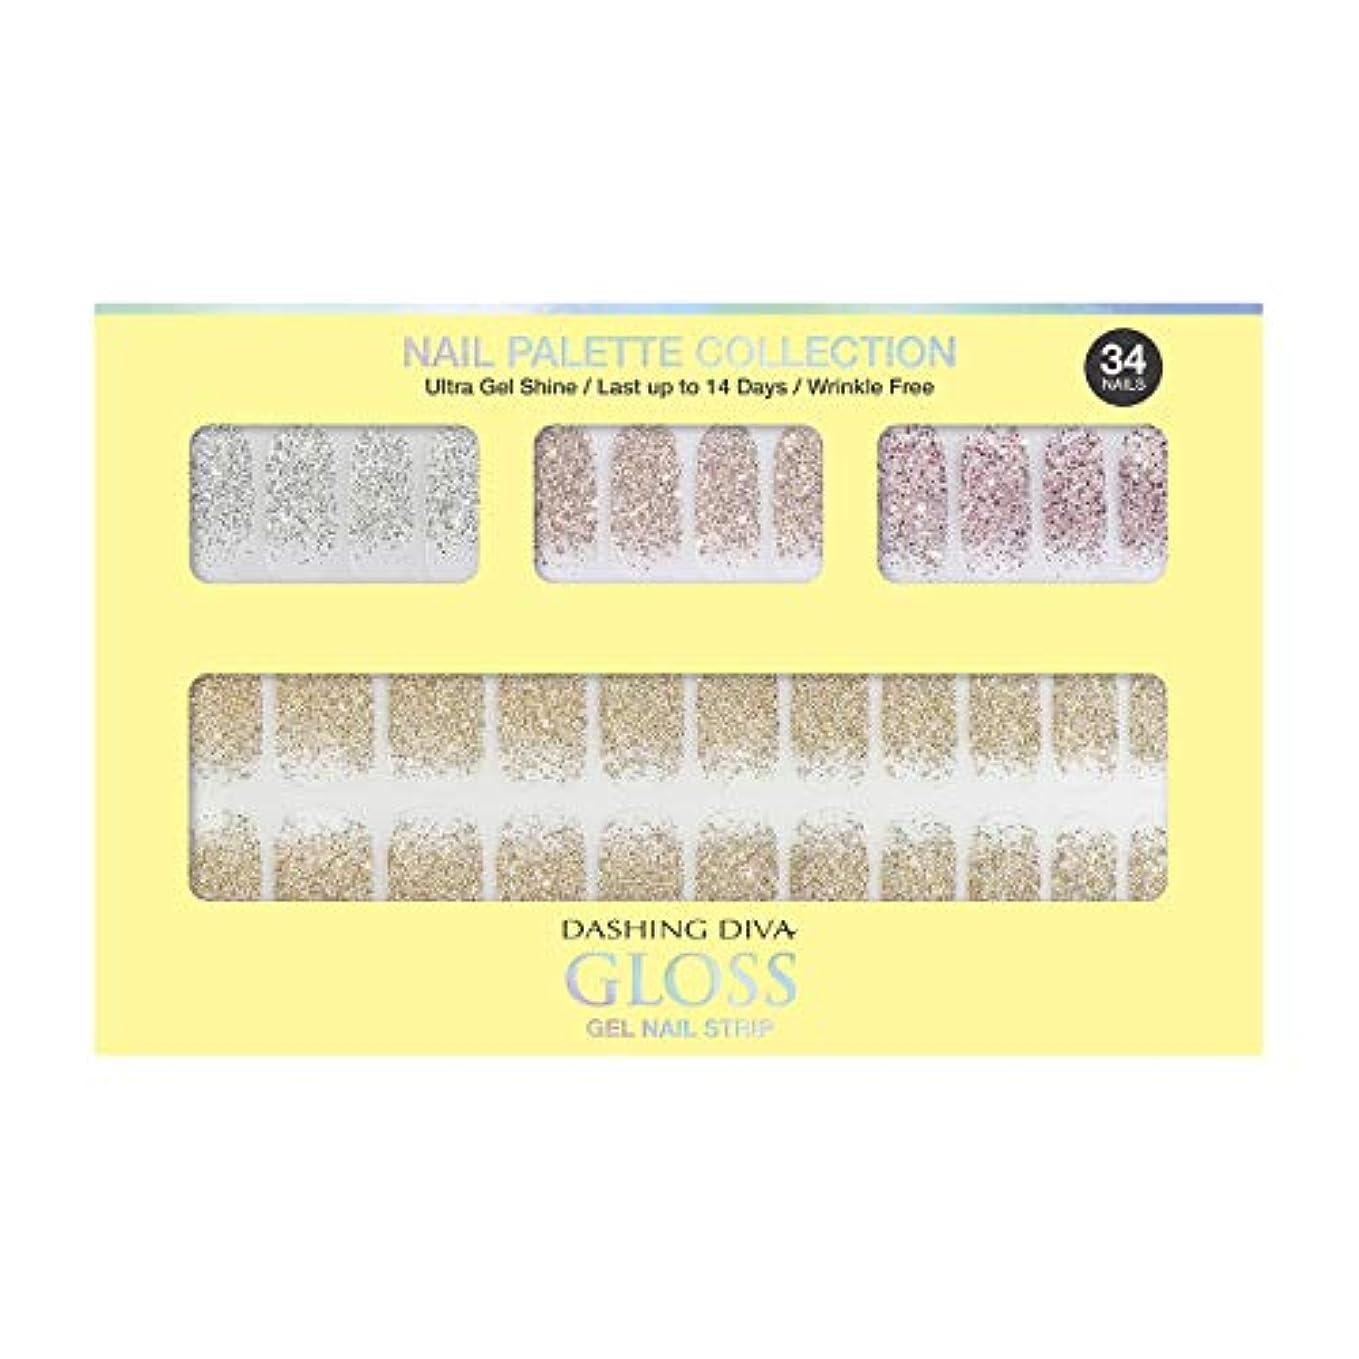 豪華な大使館ブートダッシングディバ グロスジェル ネイルストリップ DASHING DIVA Gloss Gel Nail Strip DGNP07-DURY+ オリジナルジェル ネイルシール Lemon #07 Sparkling Powder